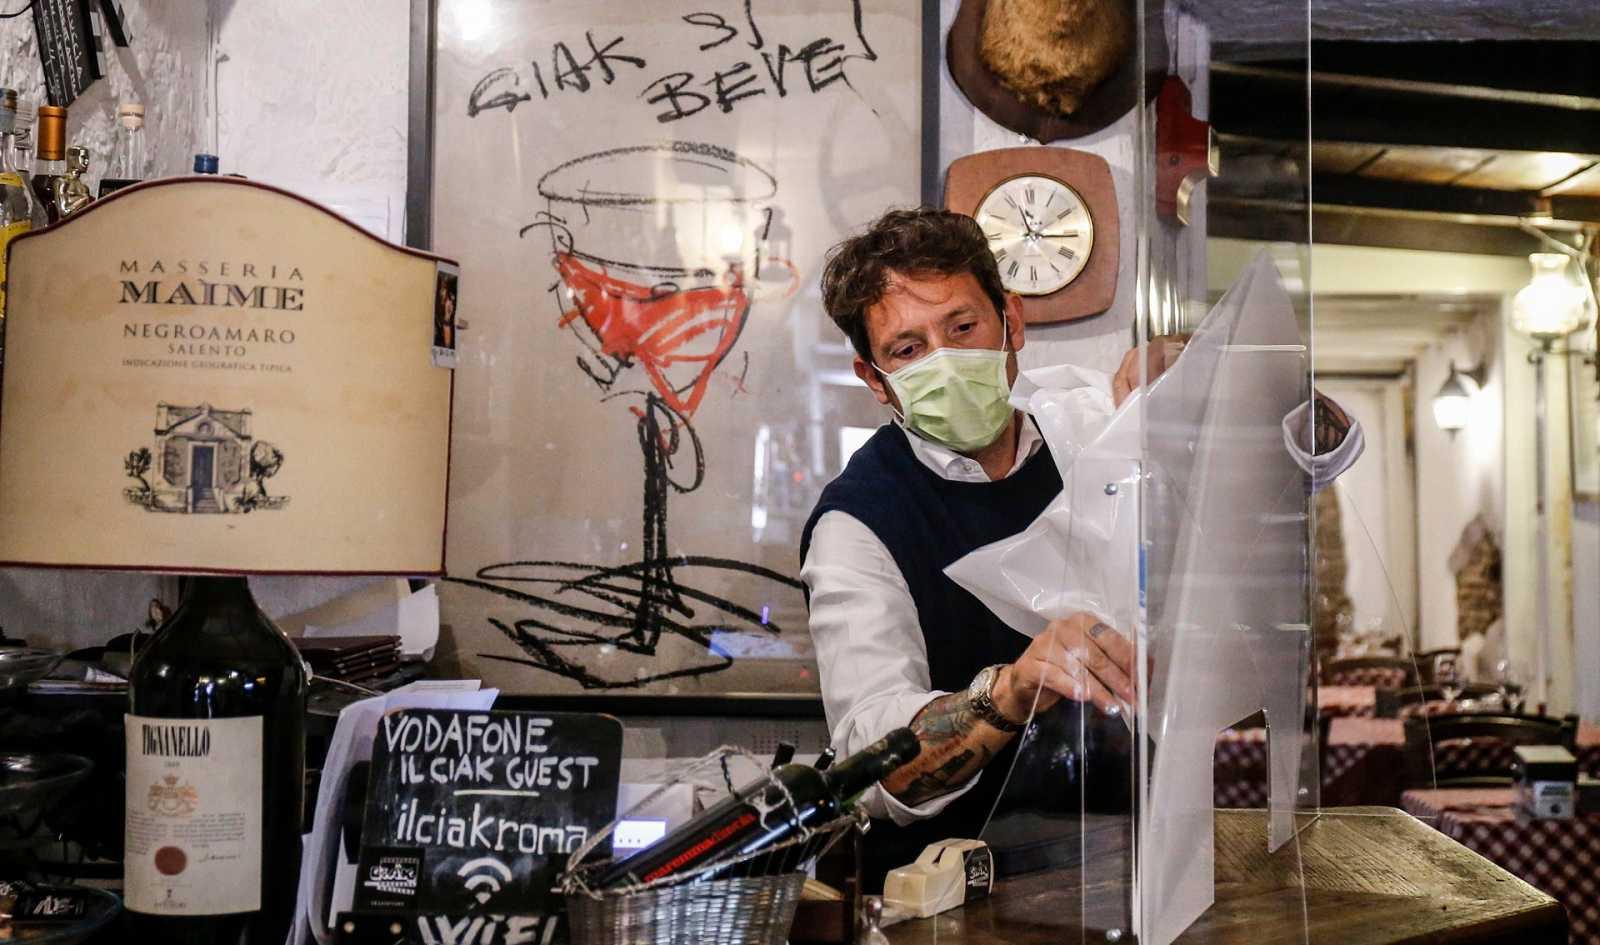 Un camarero prepara unas mamparas contra el coronavirus en un restaurante de Roma